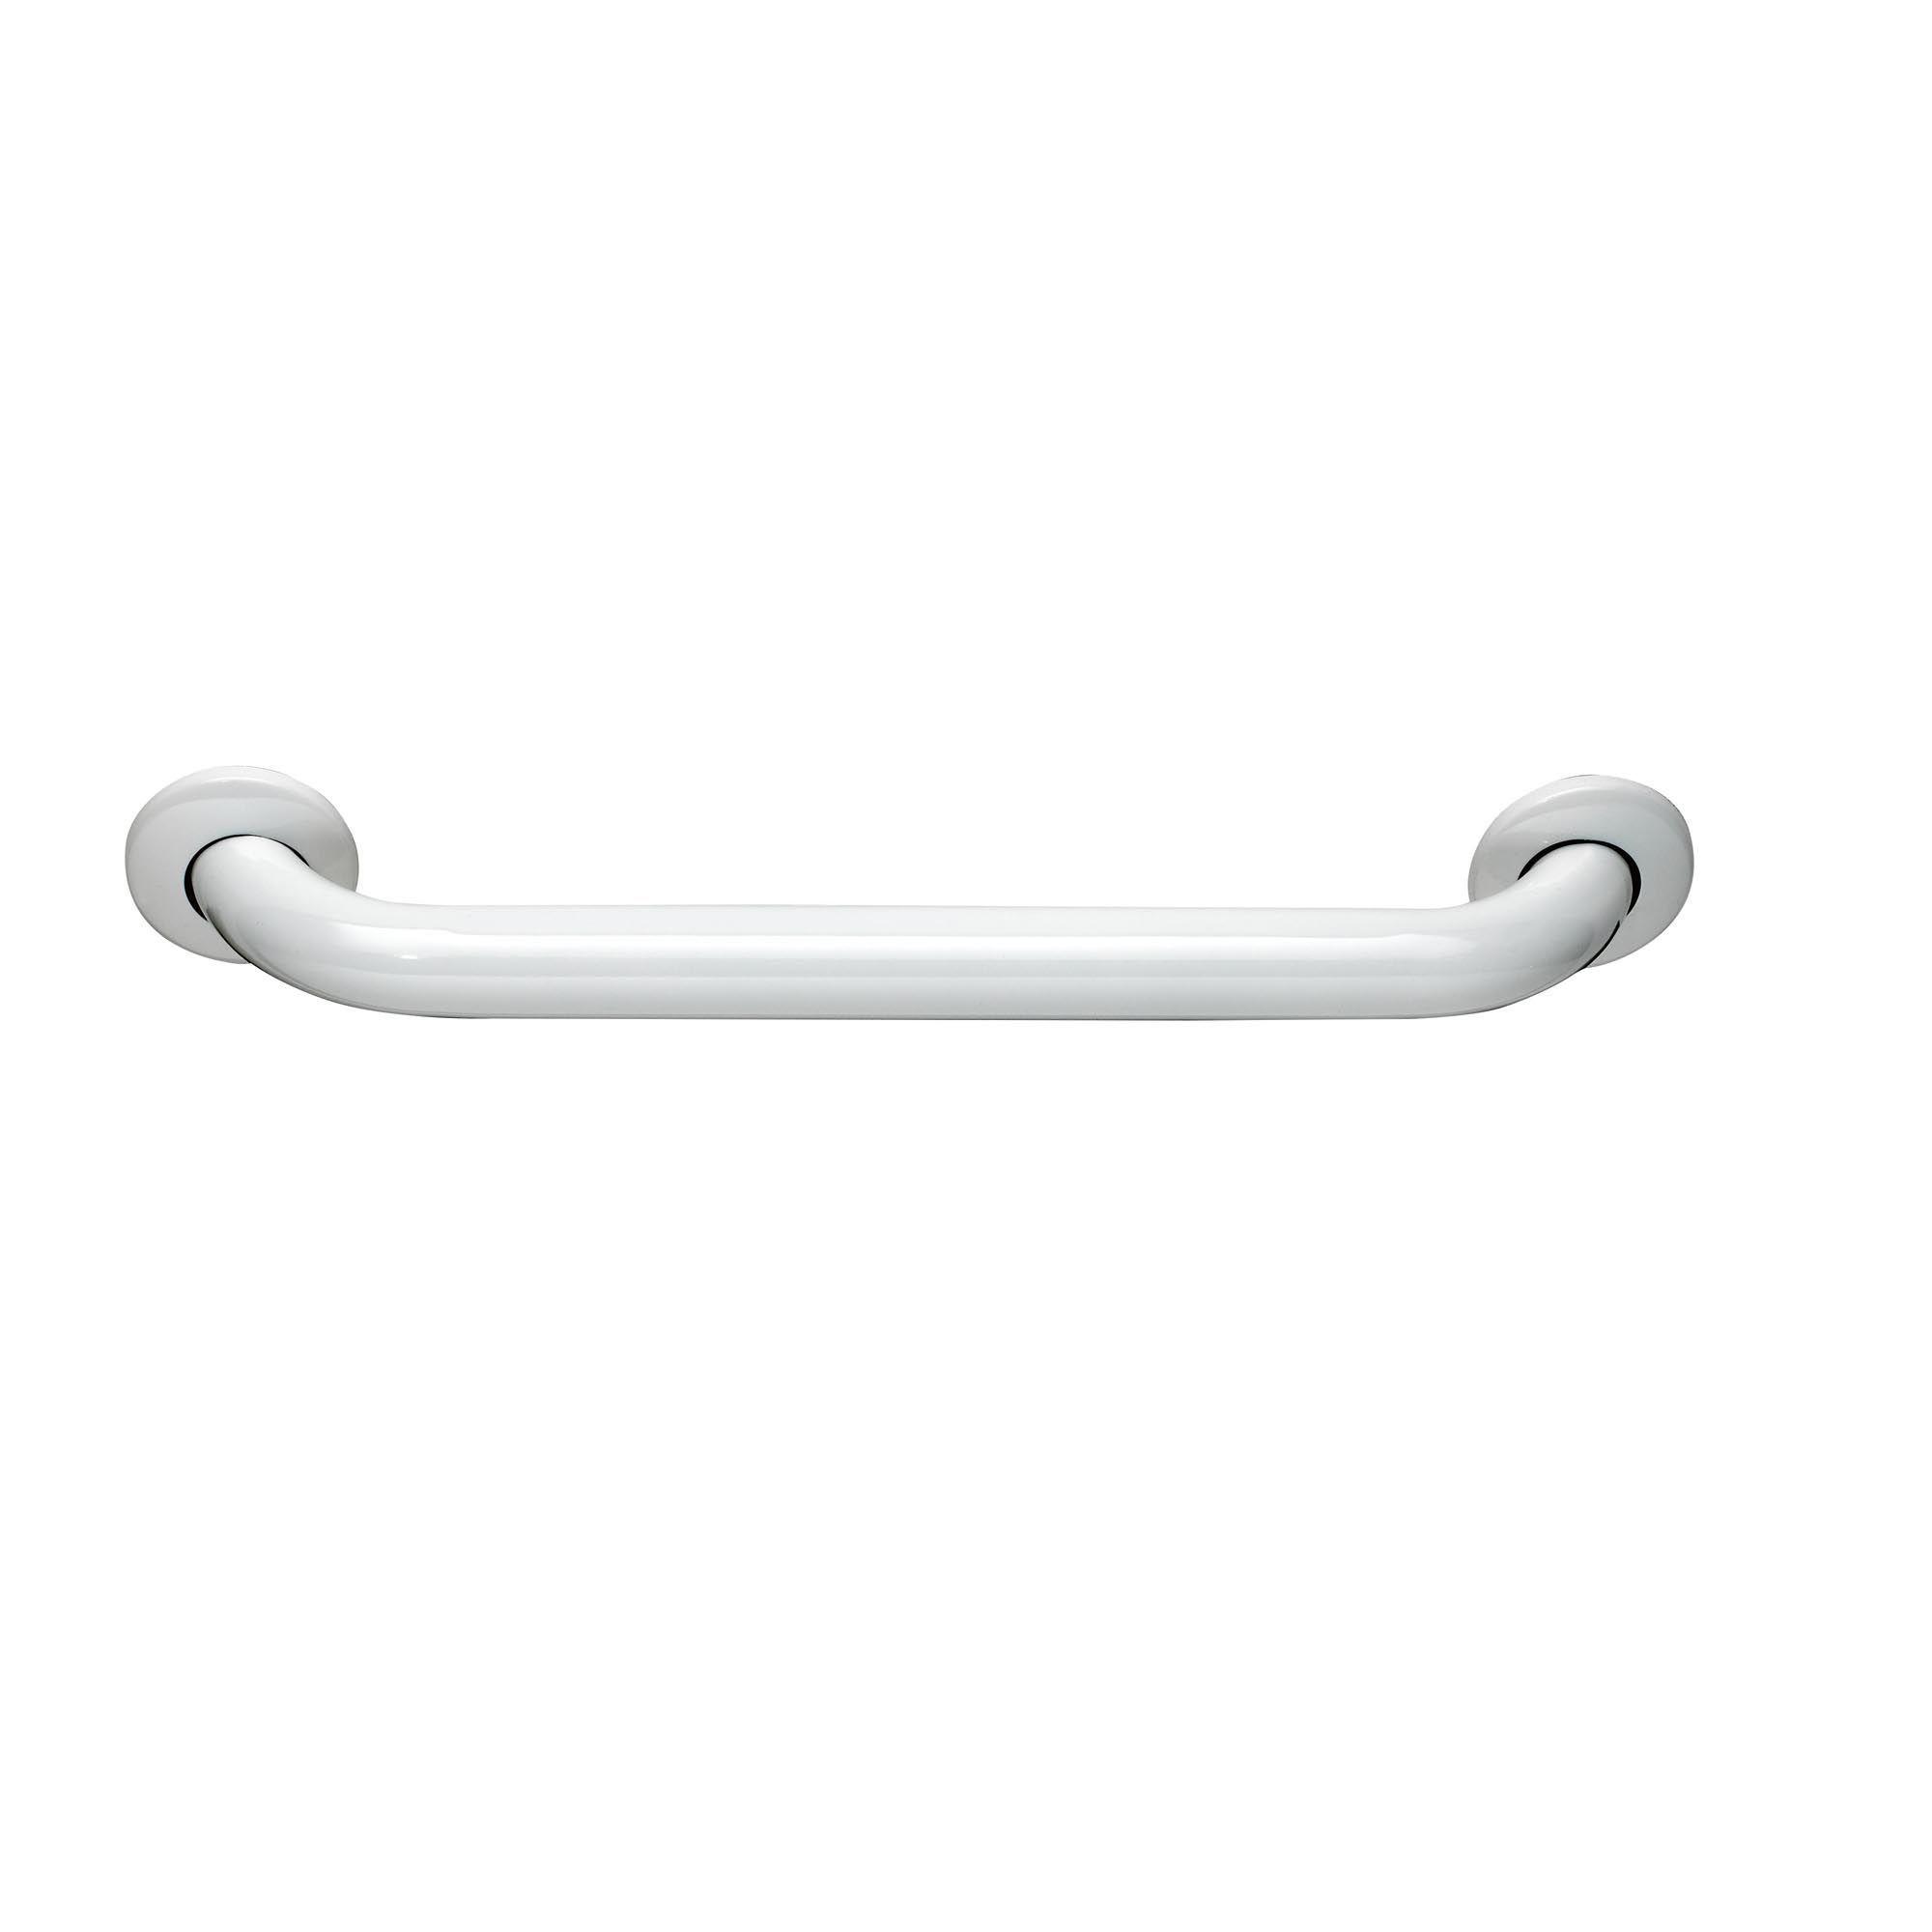 B&q White Grab Rail (l)535mm